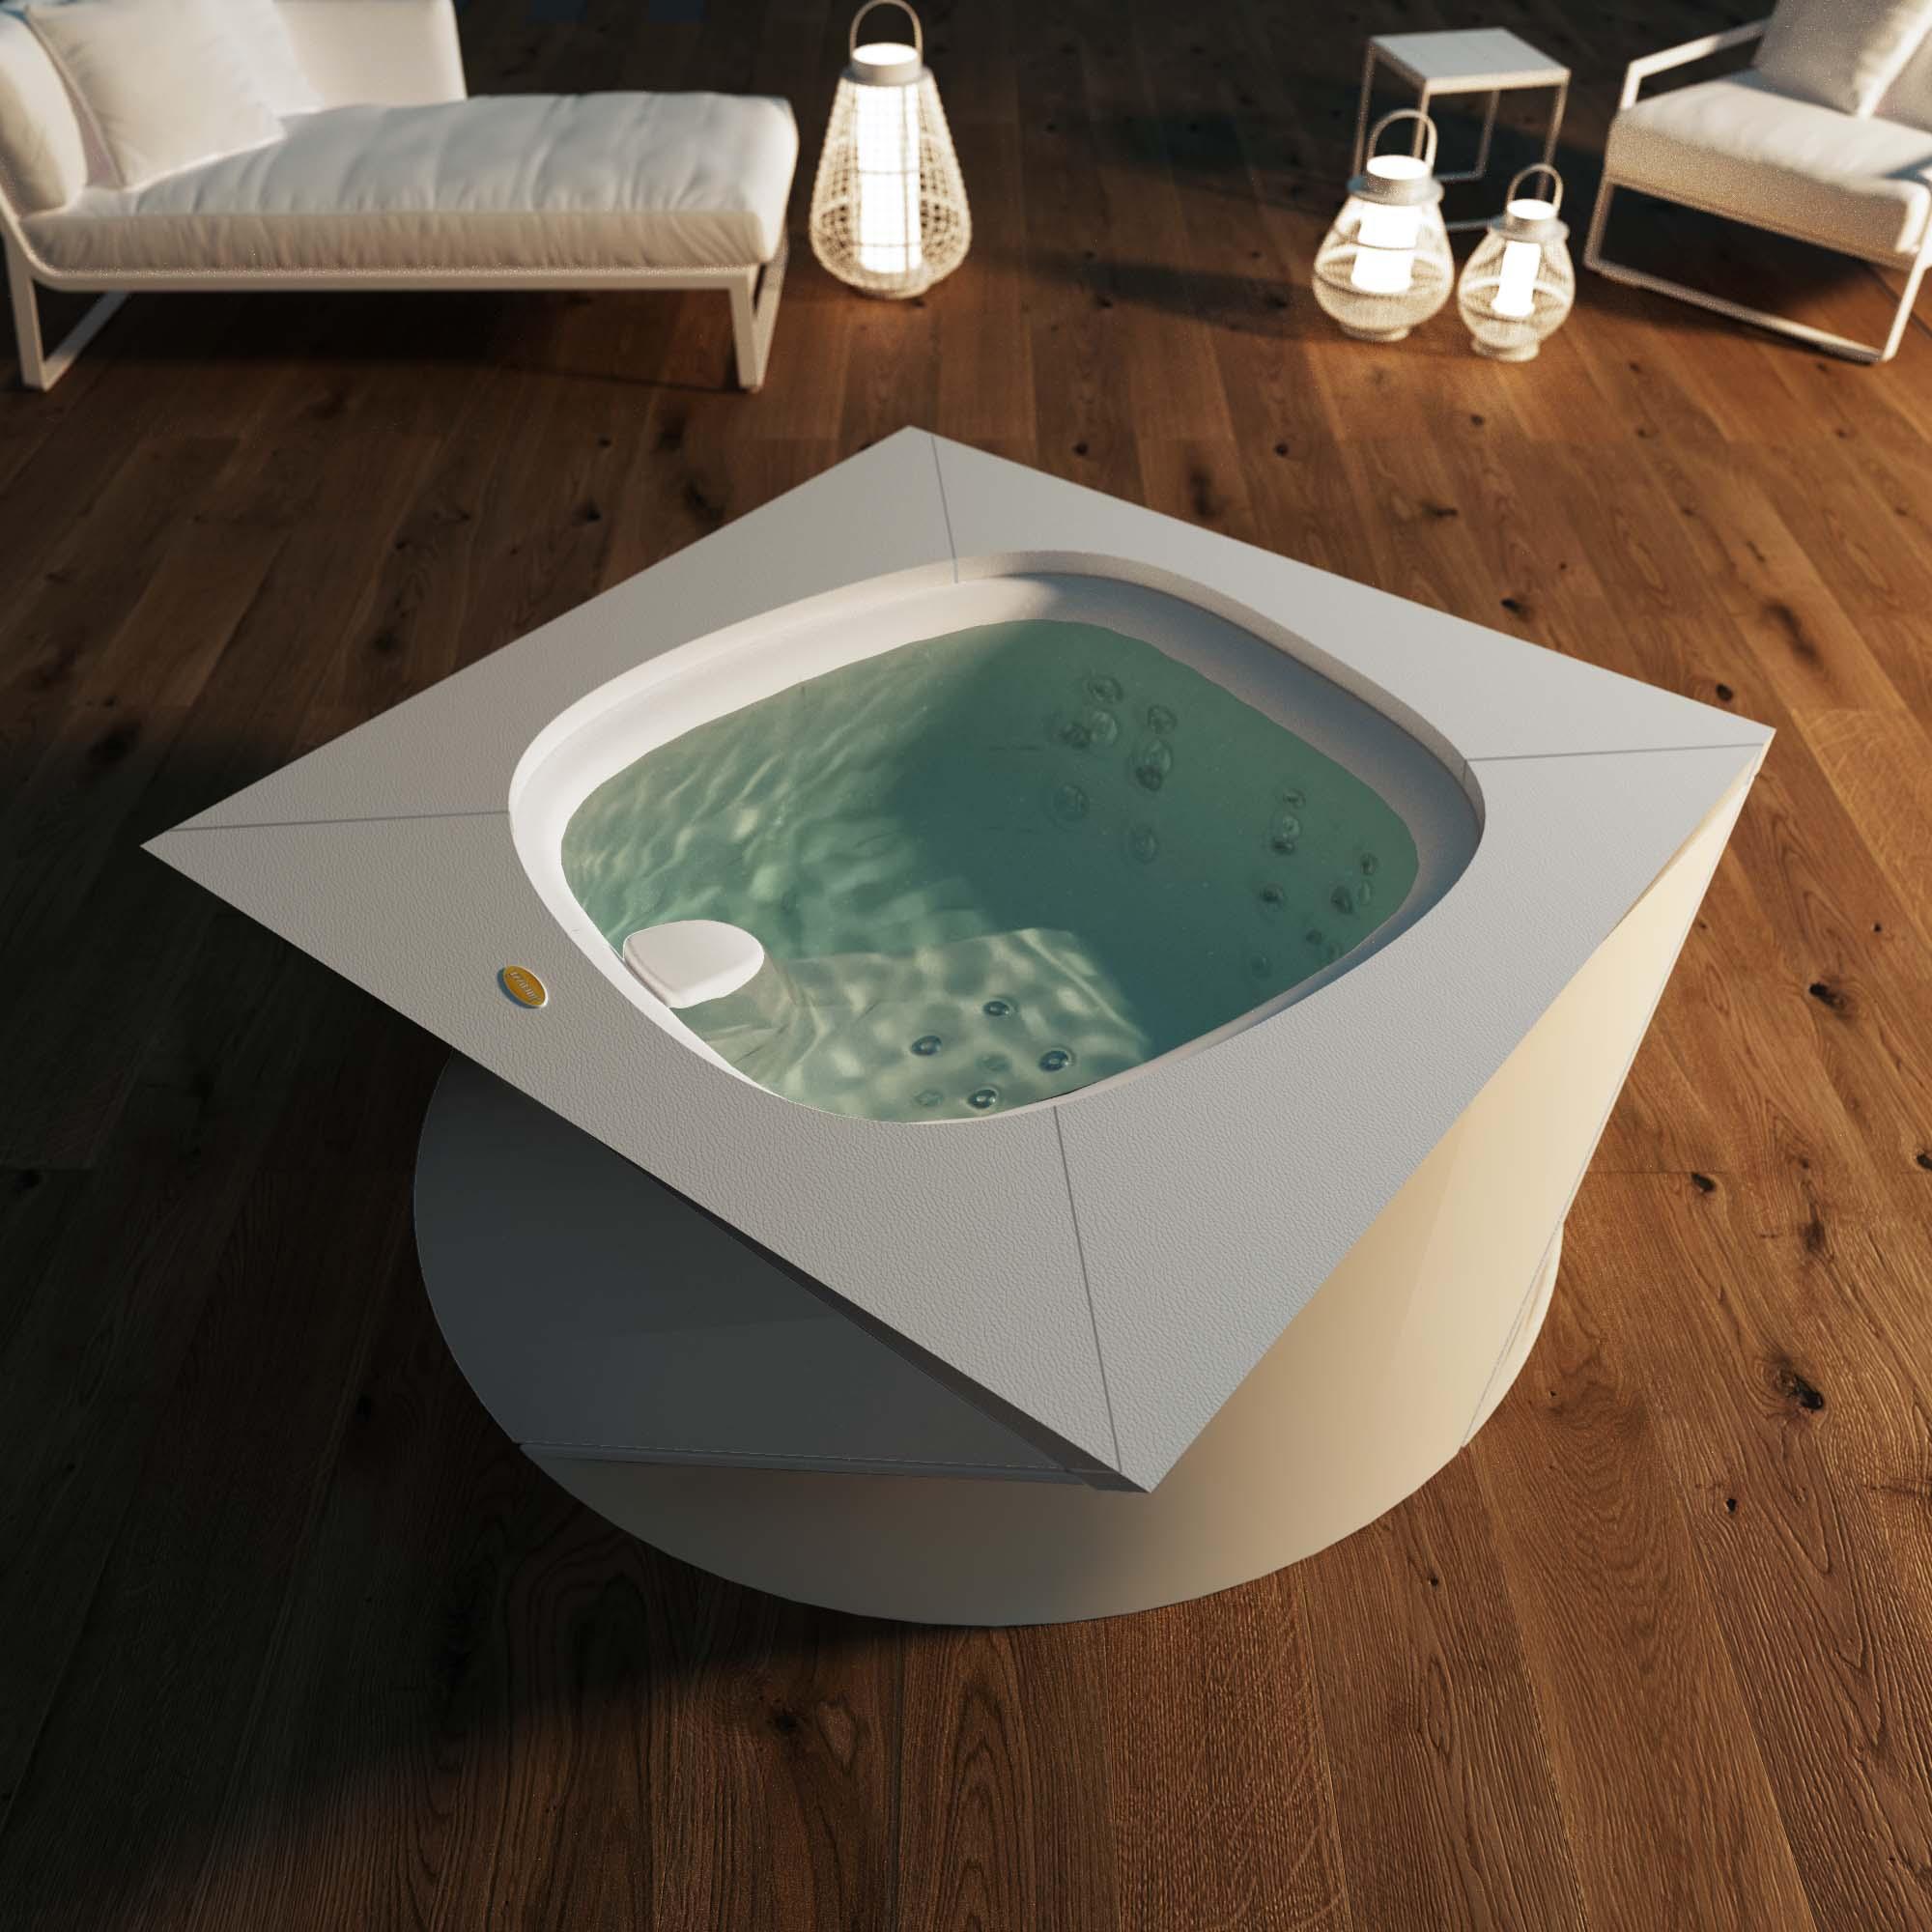 jacuzzi joy studio design gallery best design. Black Bedroom Furniture Sets. Home Design Ideas